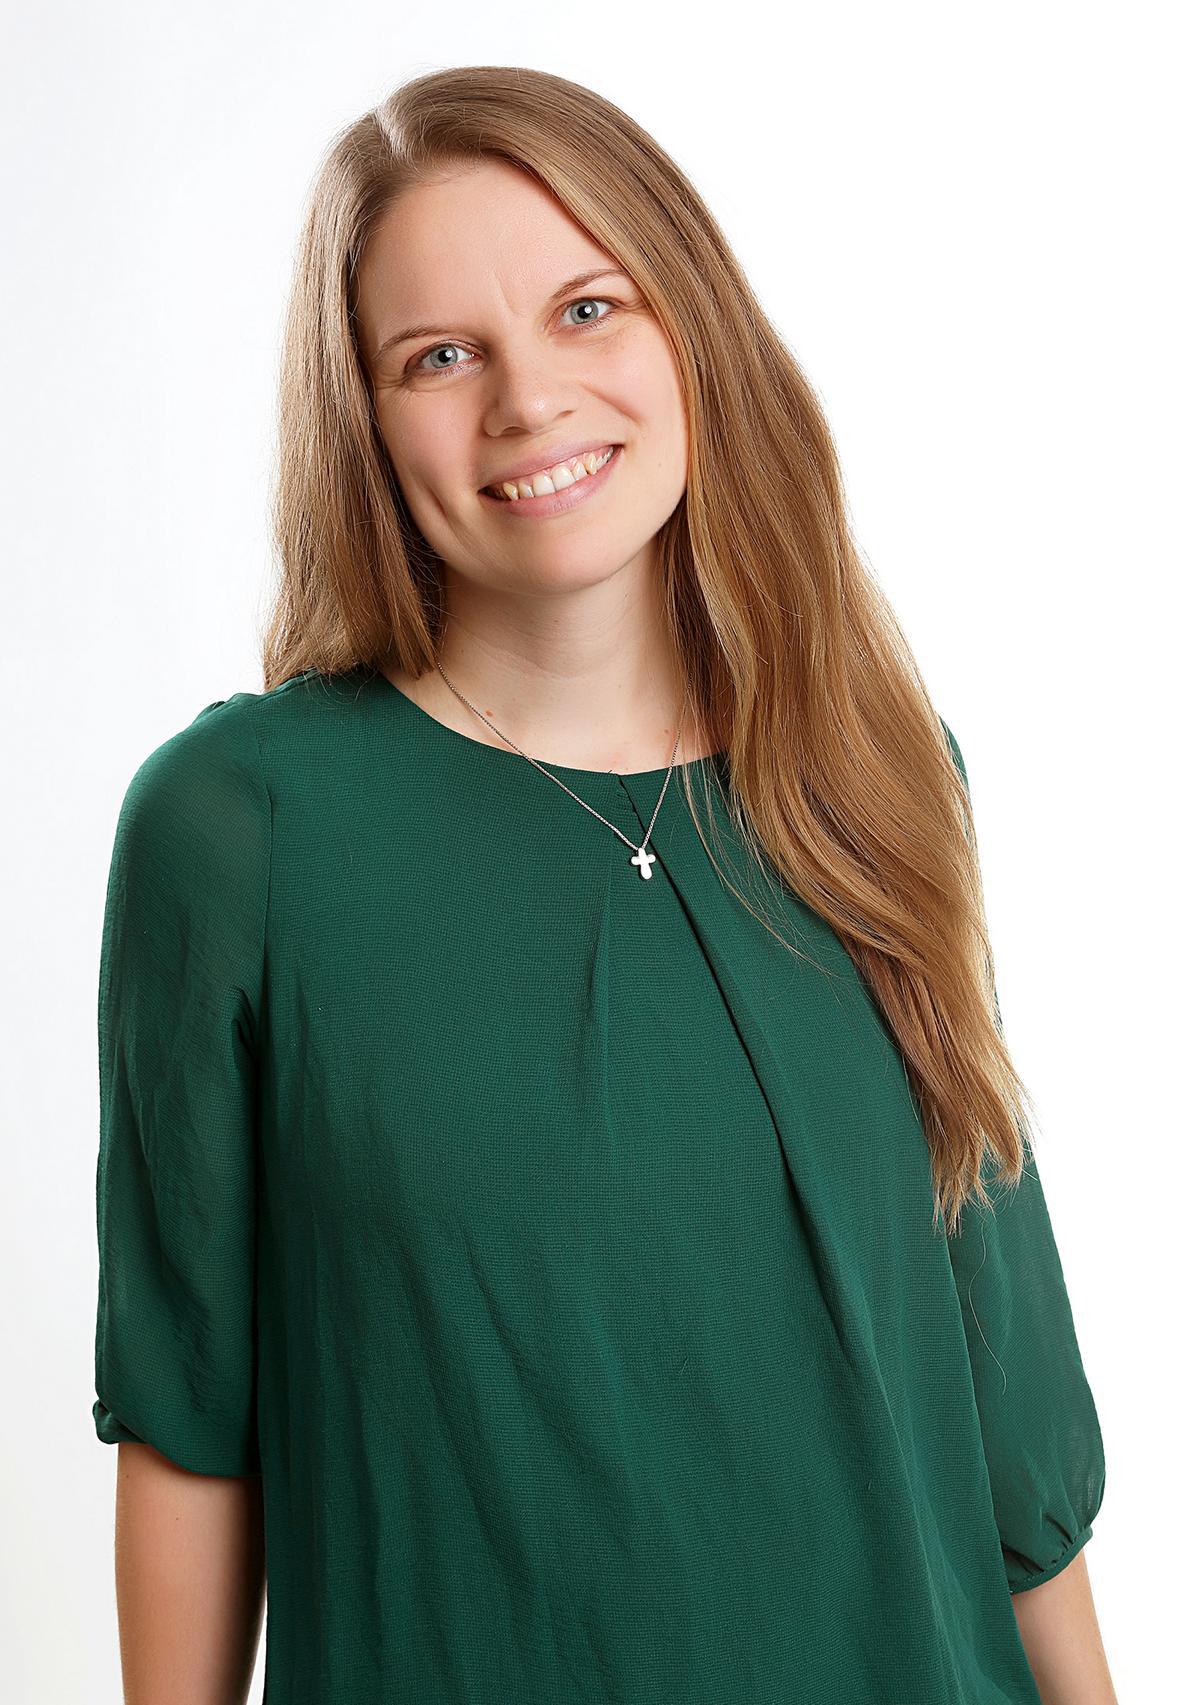 Birgitte Koppehl